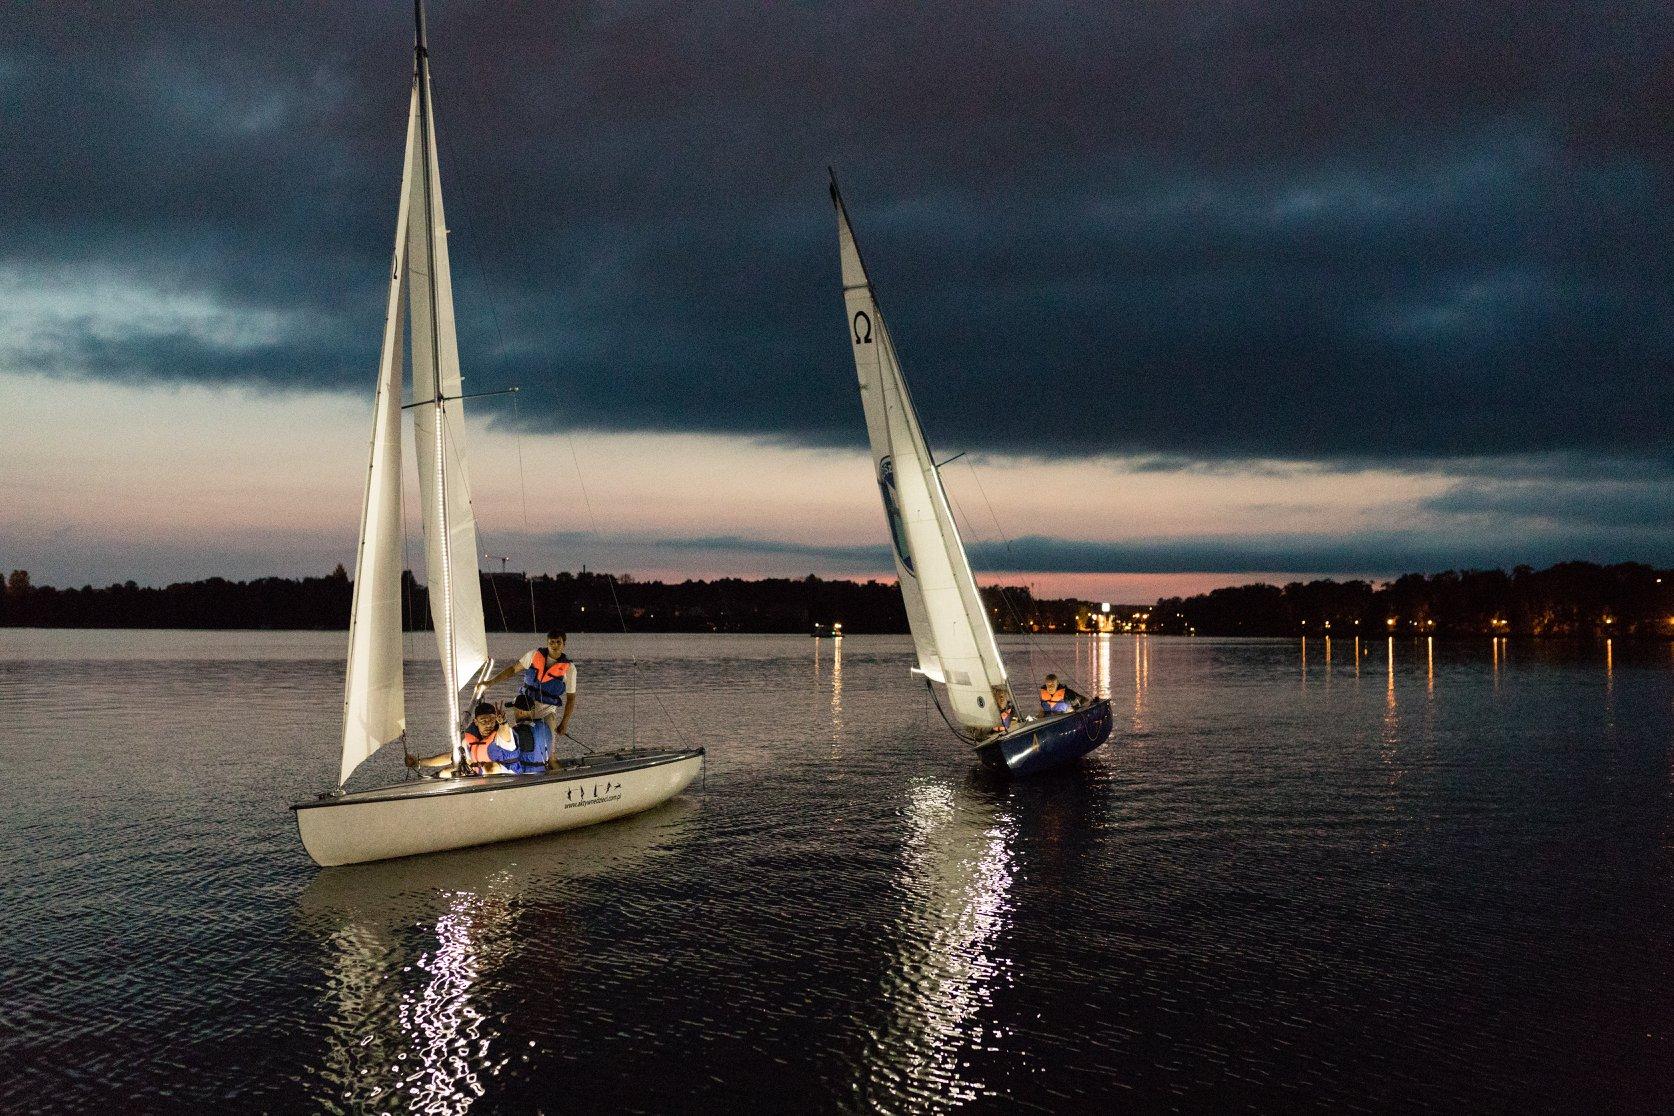 Przed nami weekend pełen żeglarskich emocji!